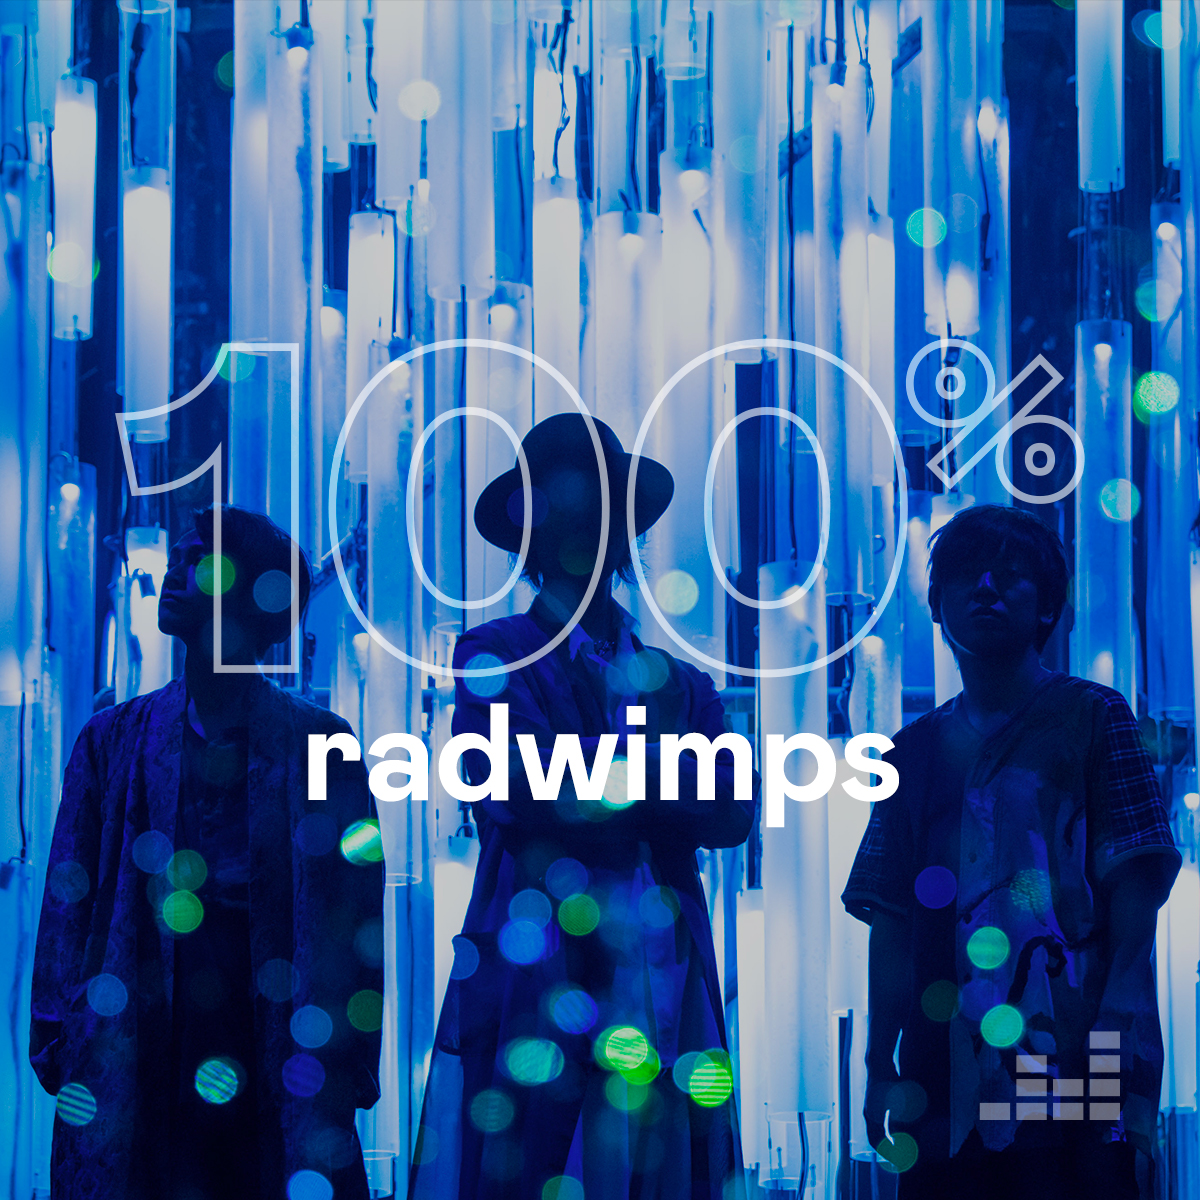 ⚡️#RADWIMPS がサブスク解禁⚡️  メジャーデビュー後の全作品が、本日より  #Deezer でお楽しみいただけます🌈  新追加の曲から選曲した「100% RADWIMPS」はこちら▶︎  あの曲も、この曲も🎸  @RADWIMPS